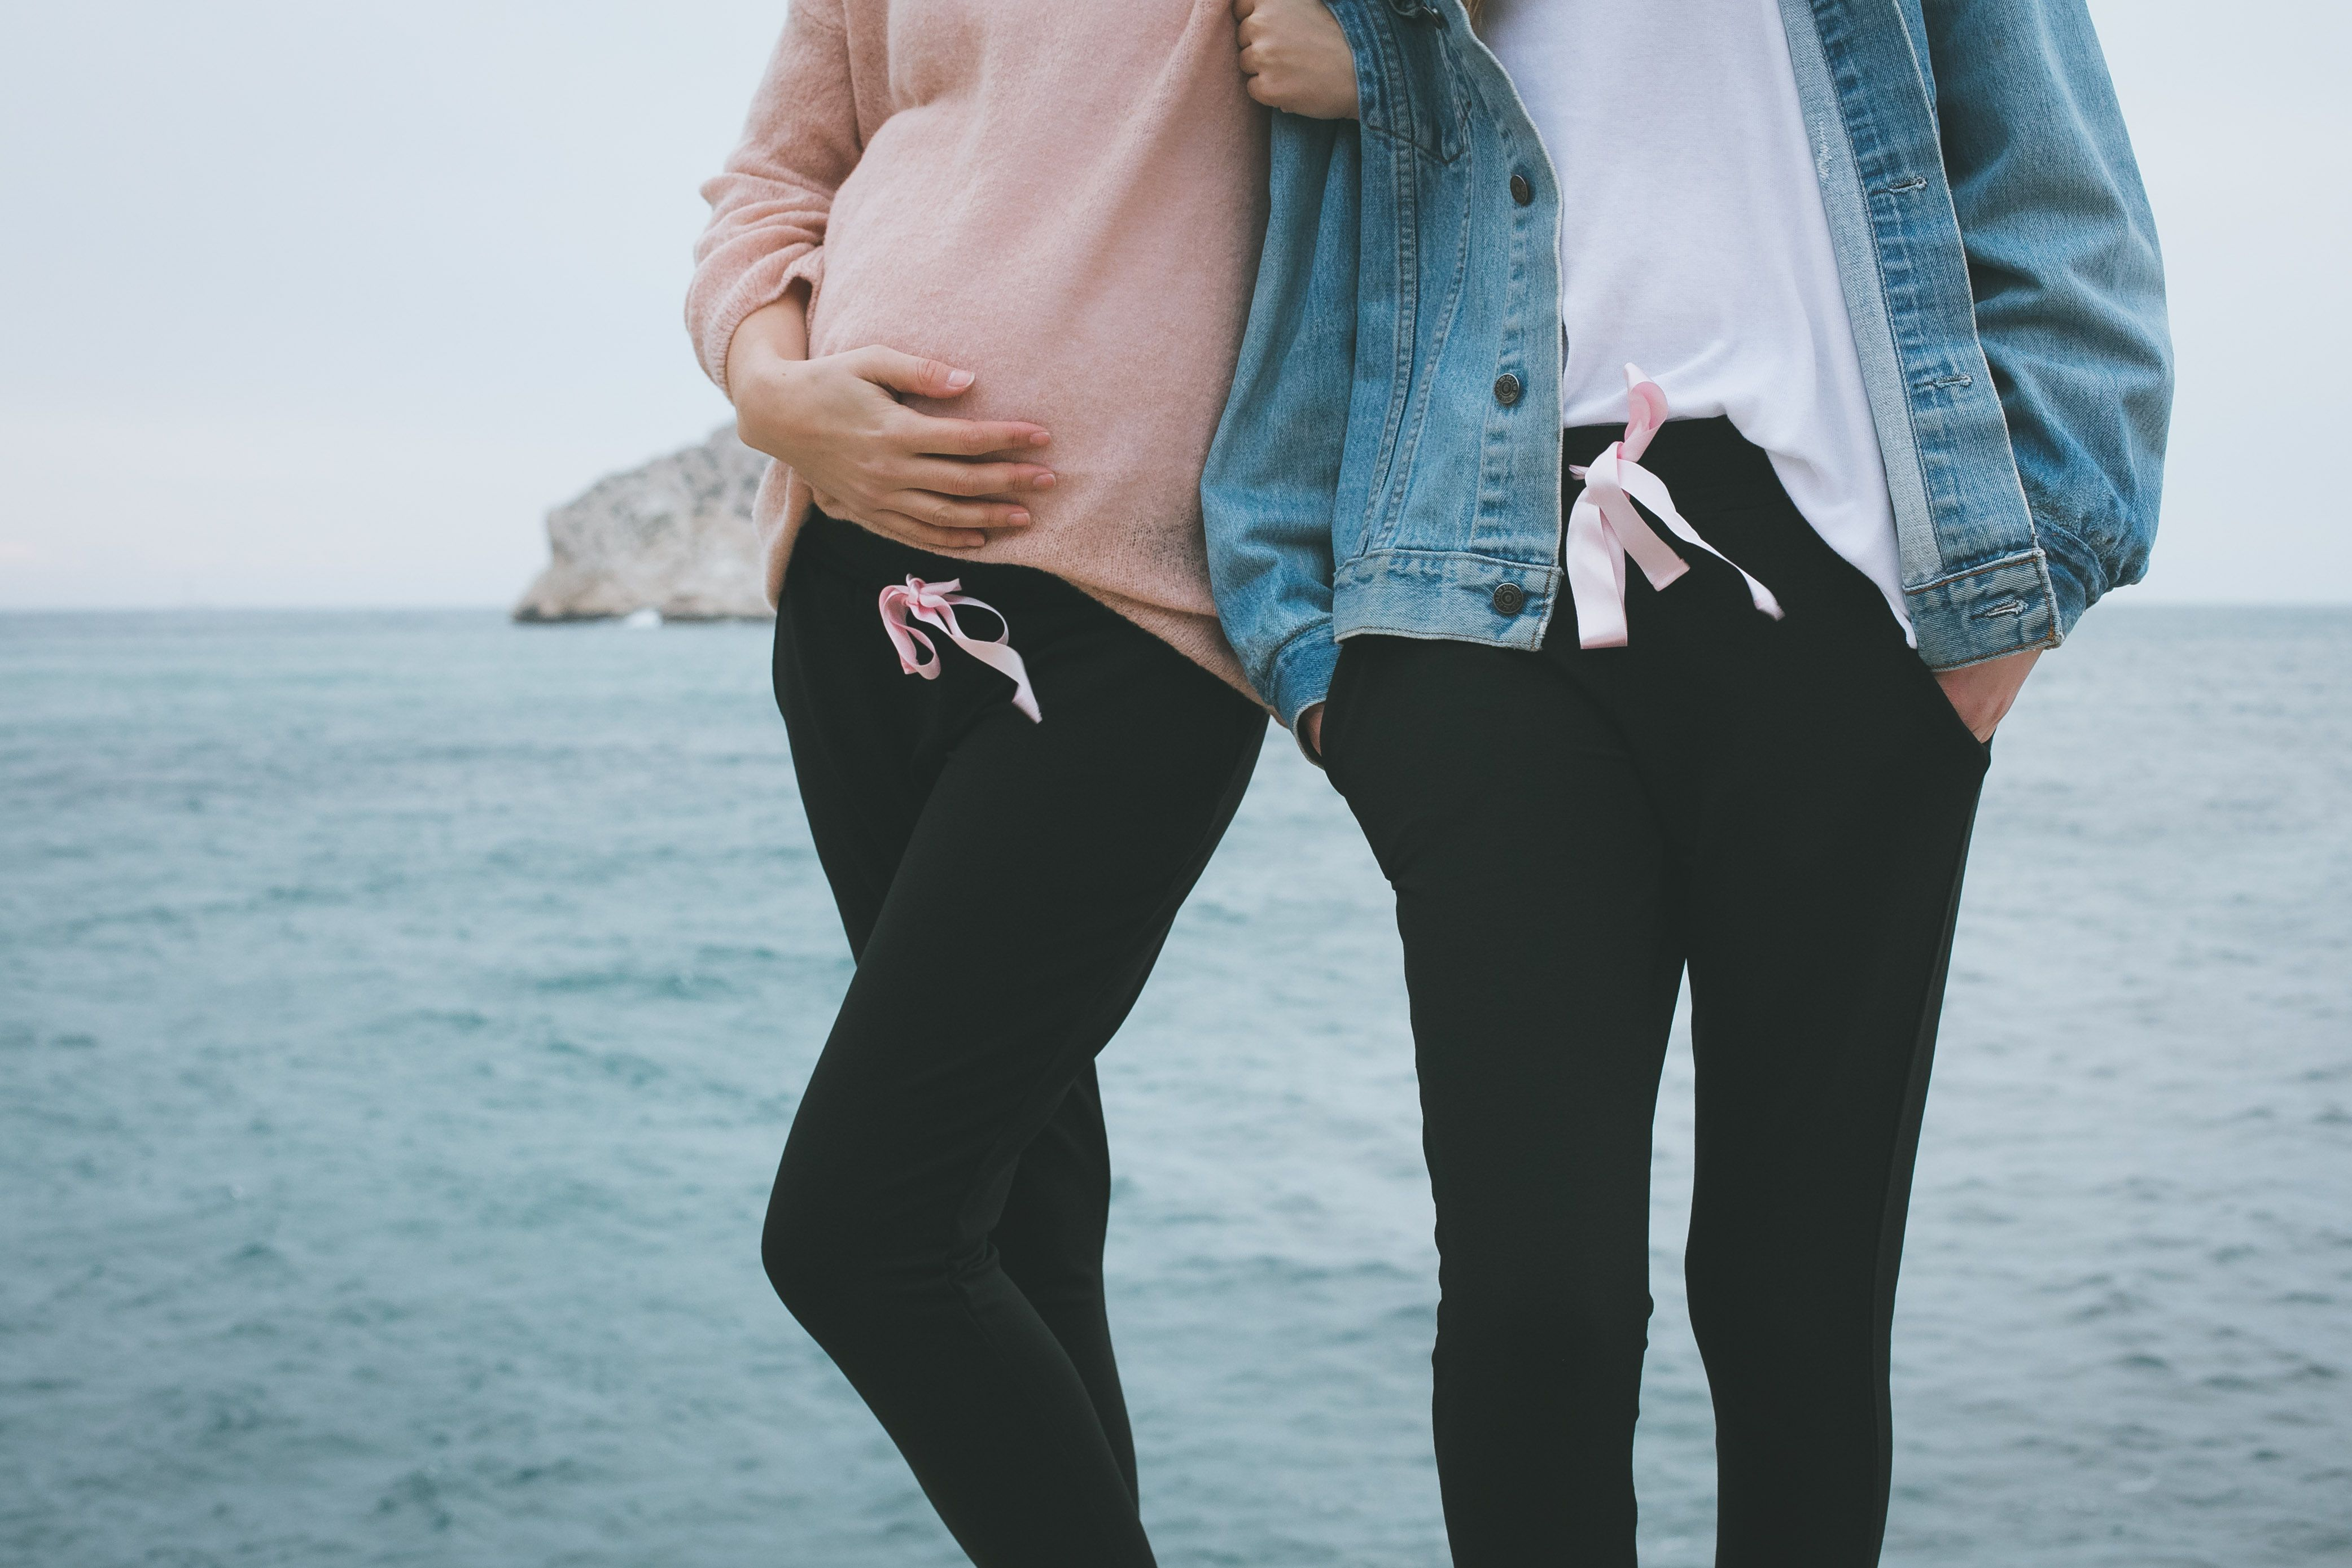 Après Parfait Pantalon La Grossesse AvantPendant S'appelle Le Ok0n8wXNP